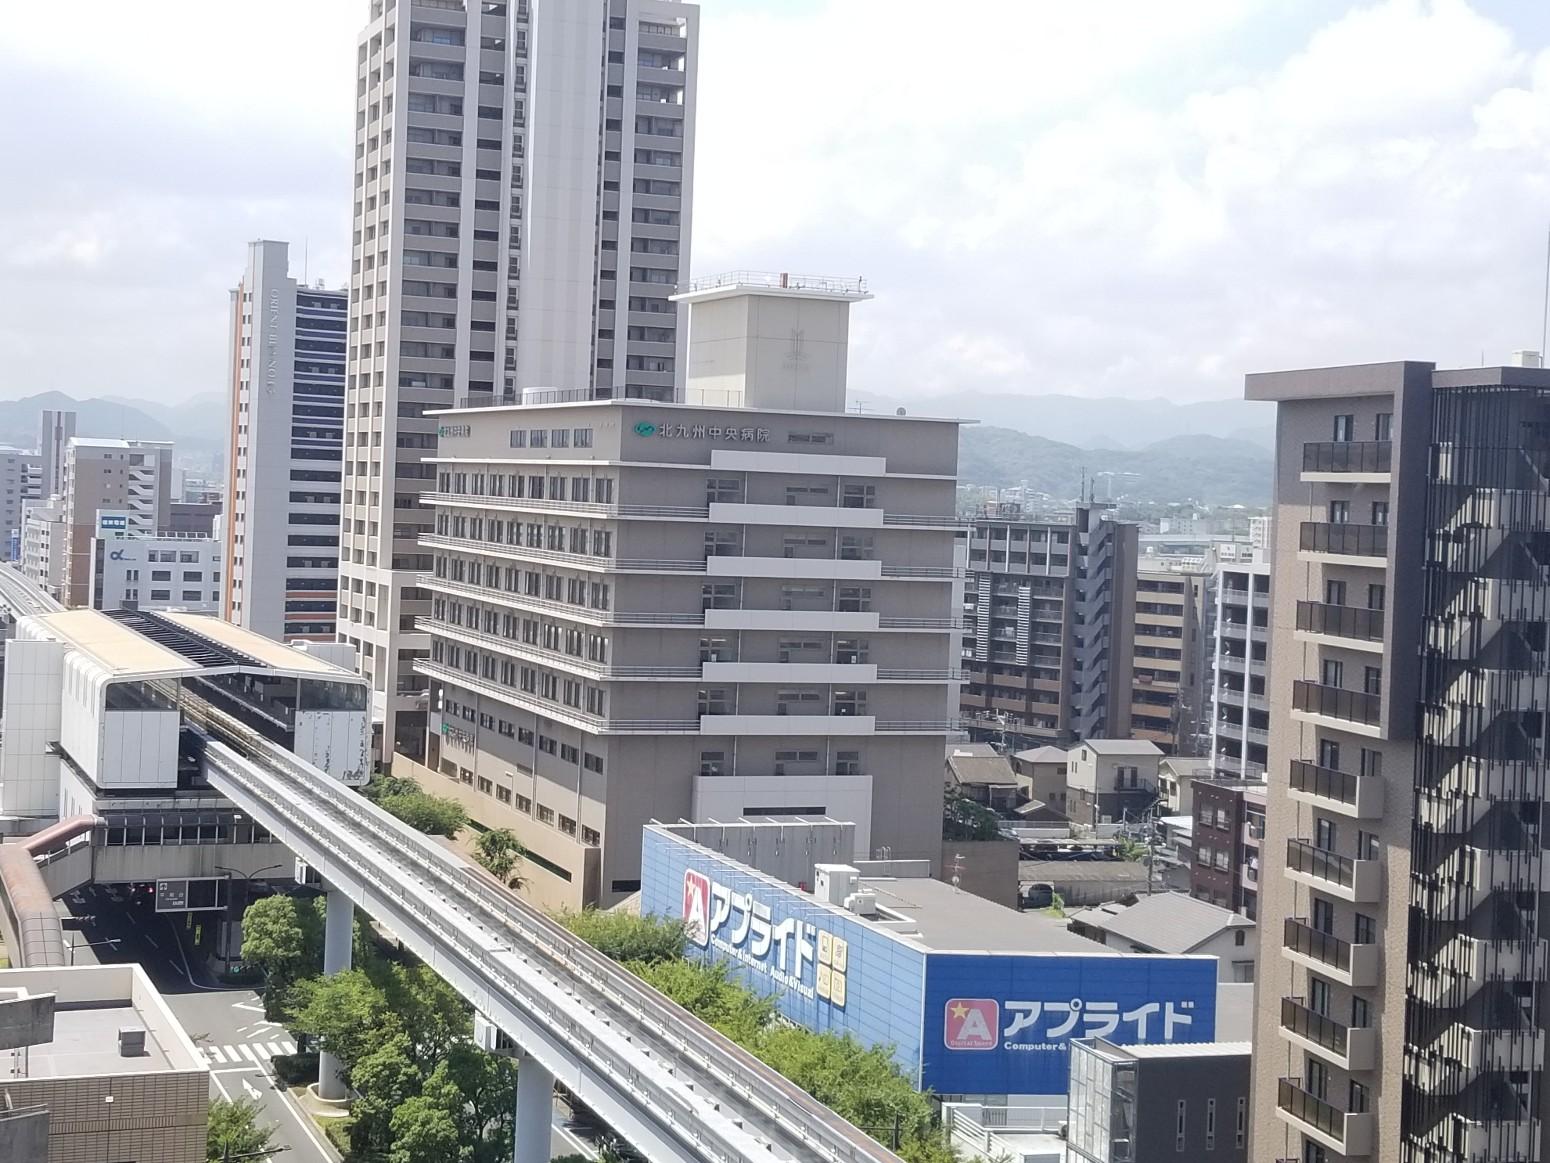 総合病院:北九州中央病院 262m